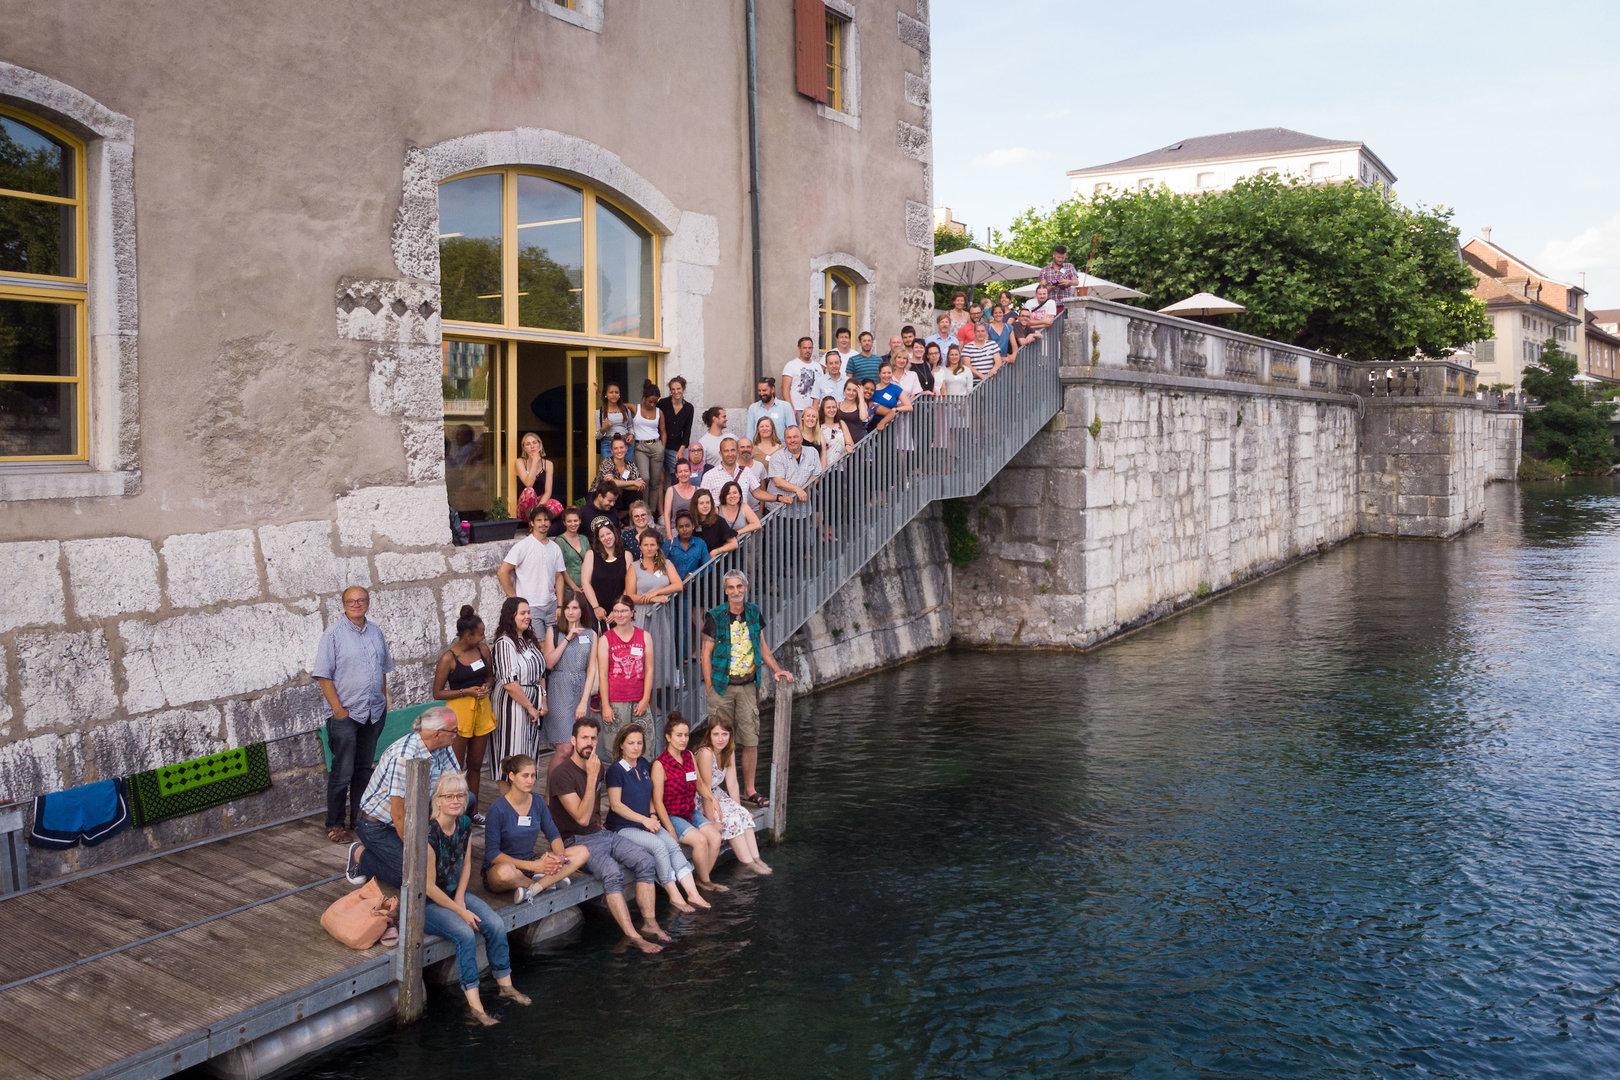 Gruppenfoto der Sommerakademie 2019 in einer ungewöhnlichen Perspektive - die Foto-Drohne macht's möglich.